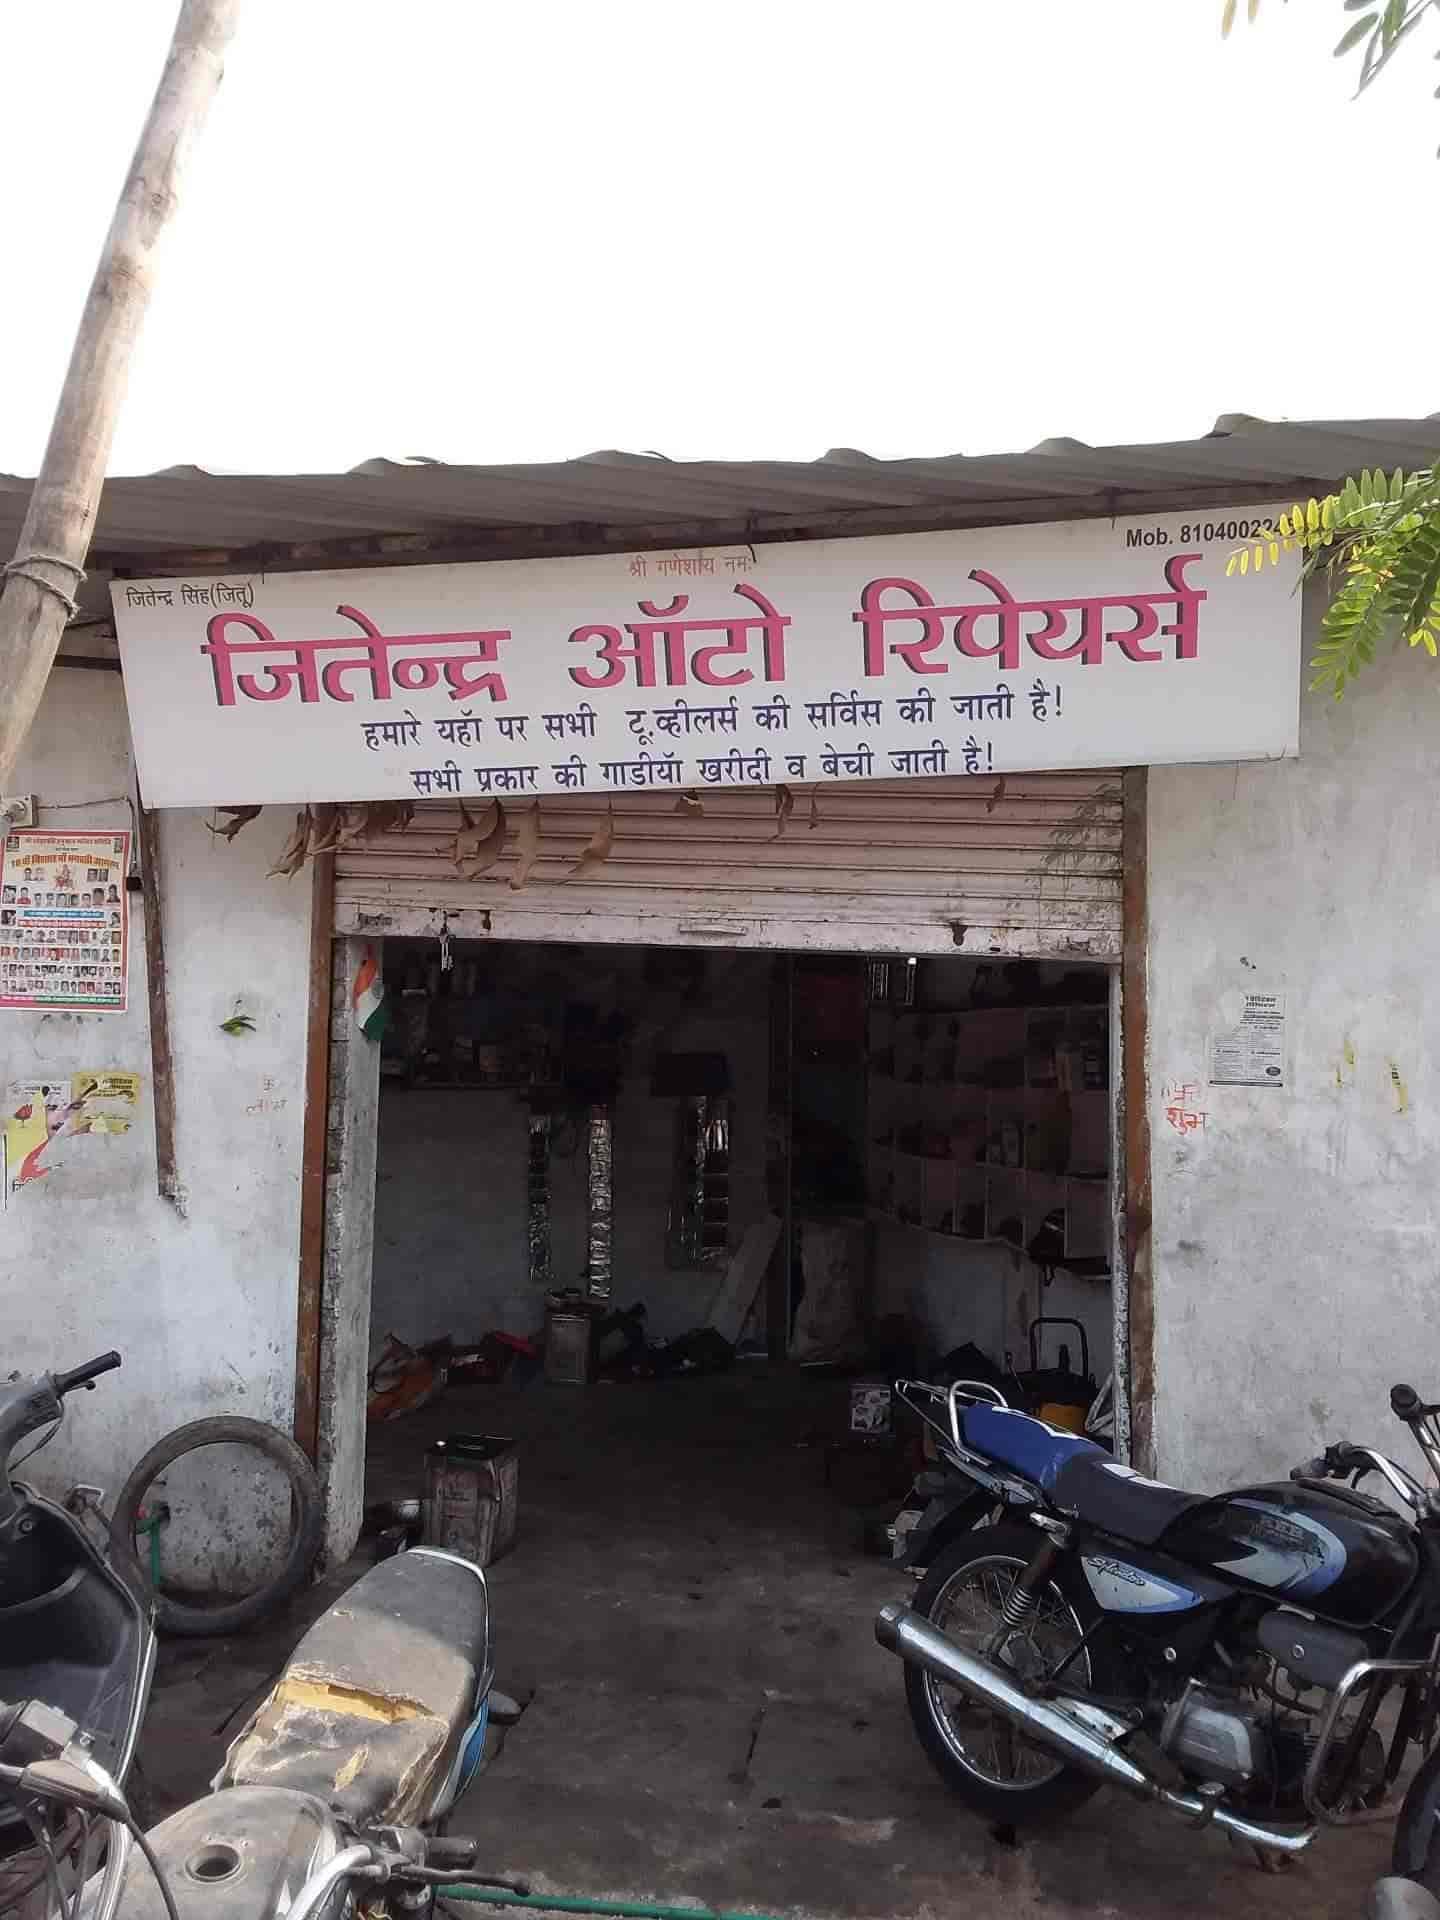 Top Suzuki Motorcycle Repair & Services in Gumanpura - Best Suzuki